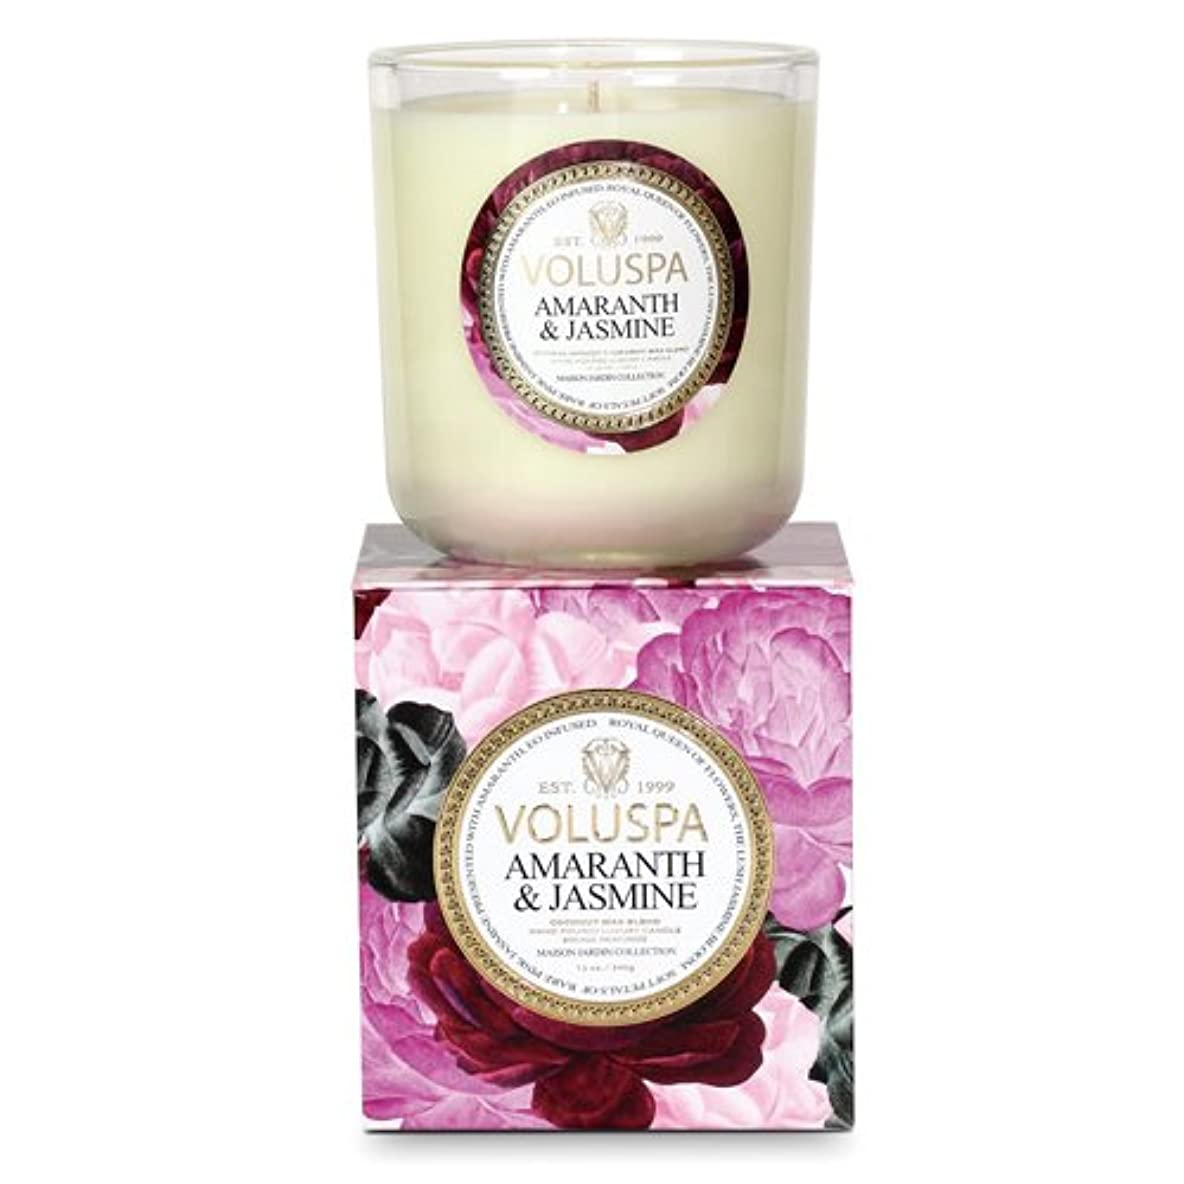 アライアンス新しさアレンジVoluspa ボルスパ メゾンジャルダン ボックス入りグラスキャンドル アマランス&ジャスミン MAISON JARDIN Box Glass Candle AMARANTH & JASMINE